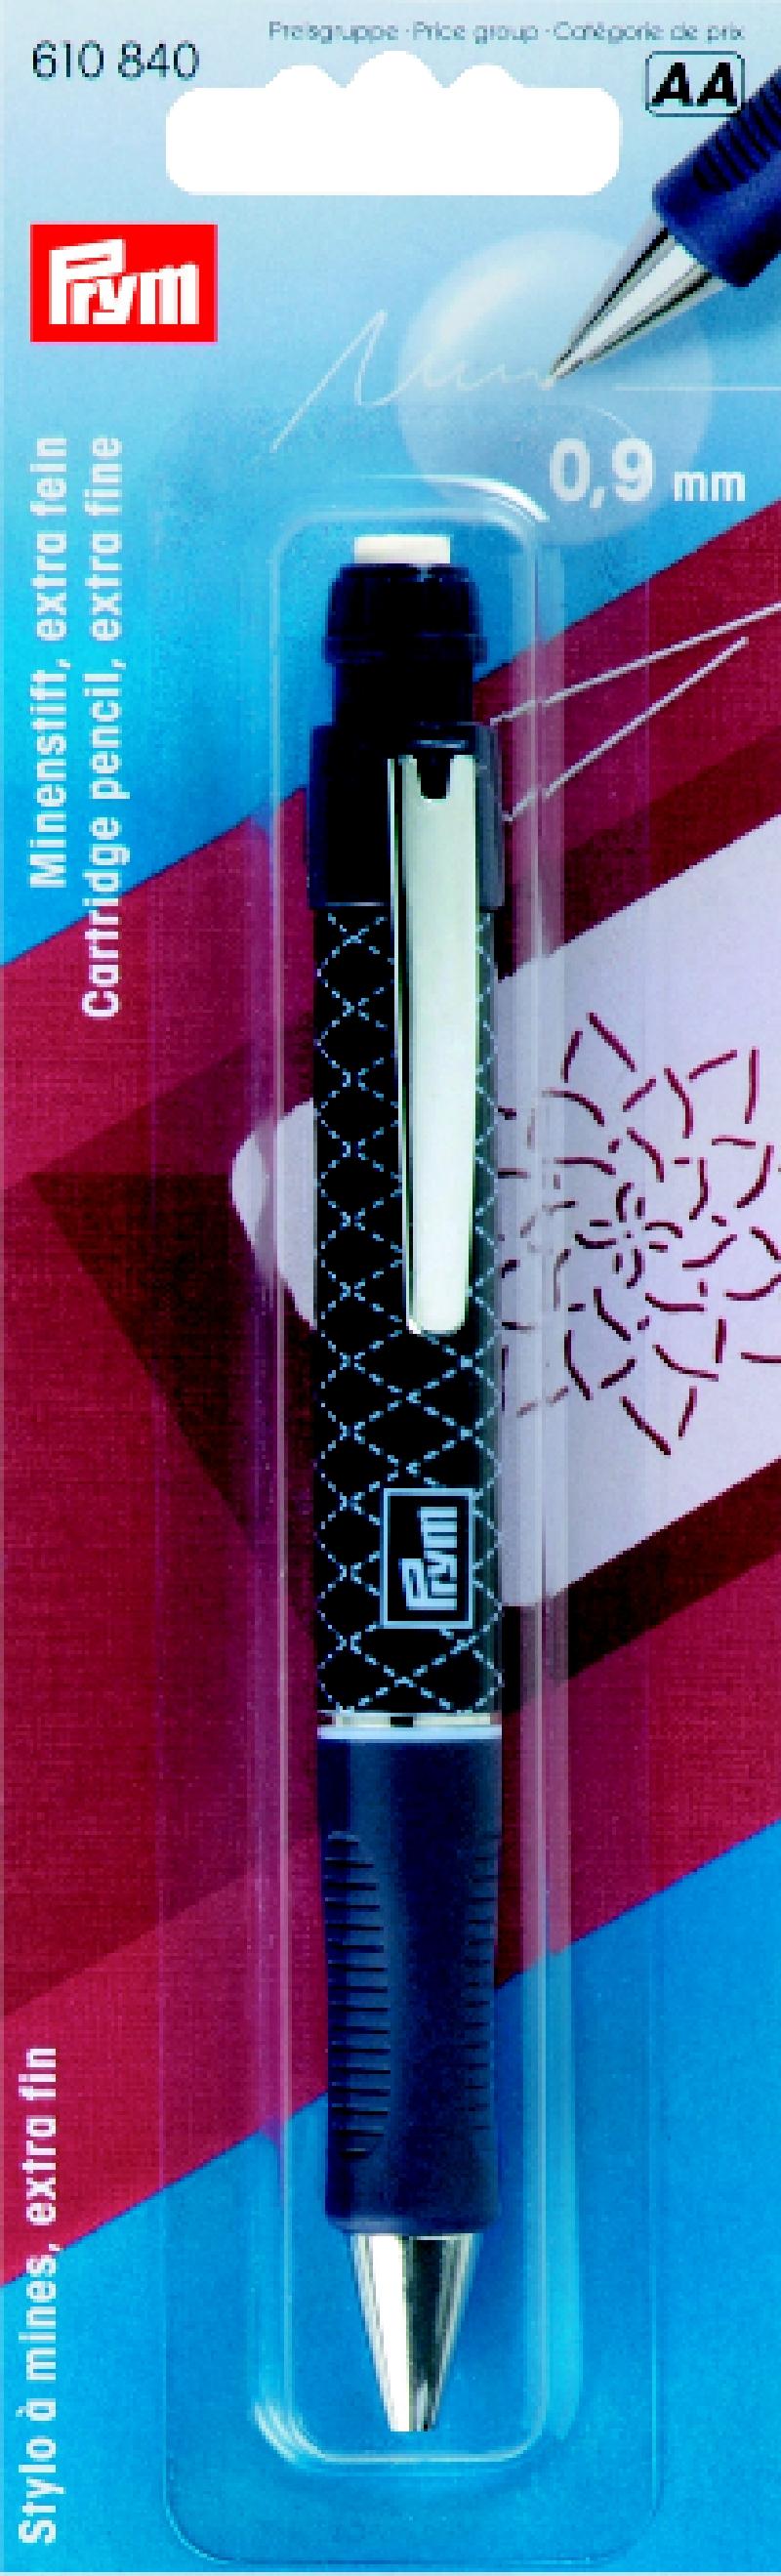 610840 Prym Механический карандаш (0,9мм) с 2-мя белыми грифелямиДля измерения и маркировки<br>610840 Prym Механический карандаш (0,9мм) с 2-мя белыми грифелями<br>